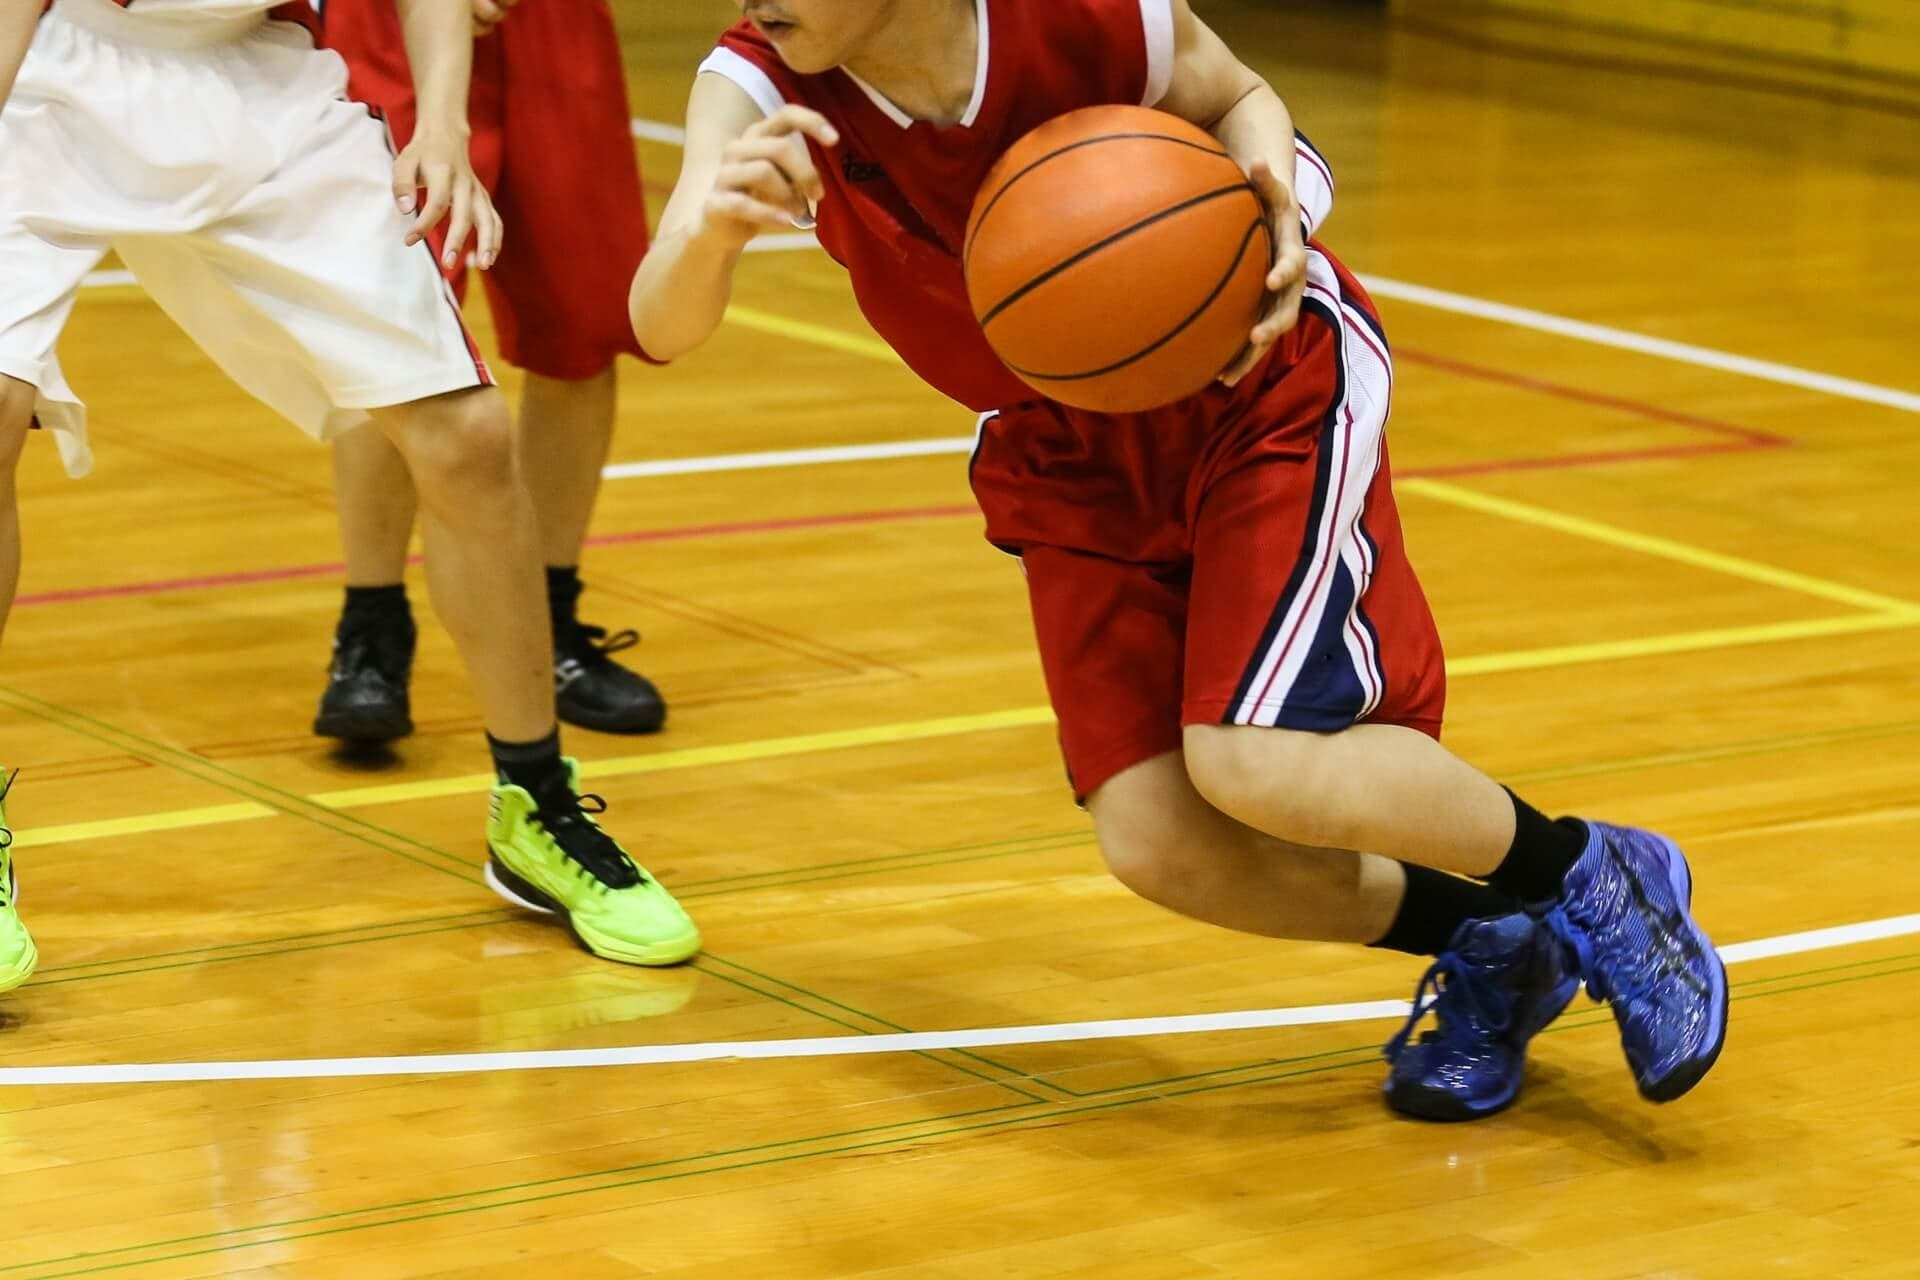 【ミニバスケットボールチーム専用】12/13㈮開催 トレーニング講習会 paypay,LINEpay(現地) 可能のイメージその2